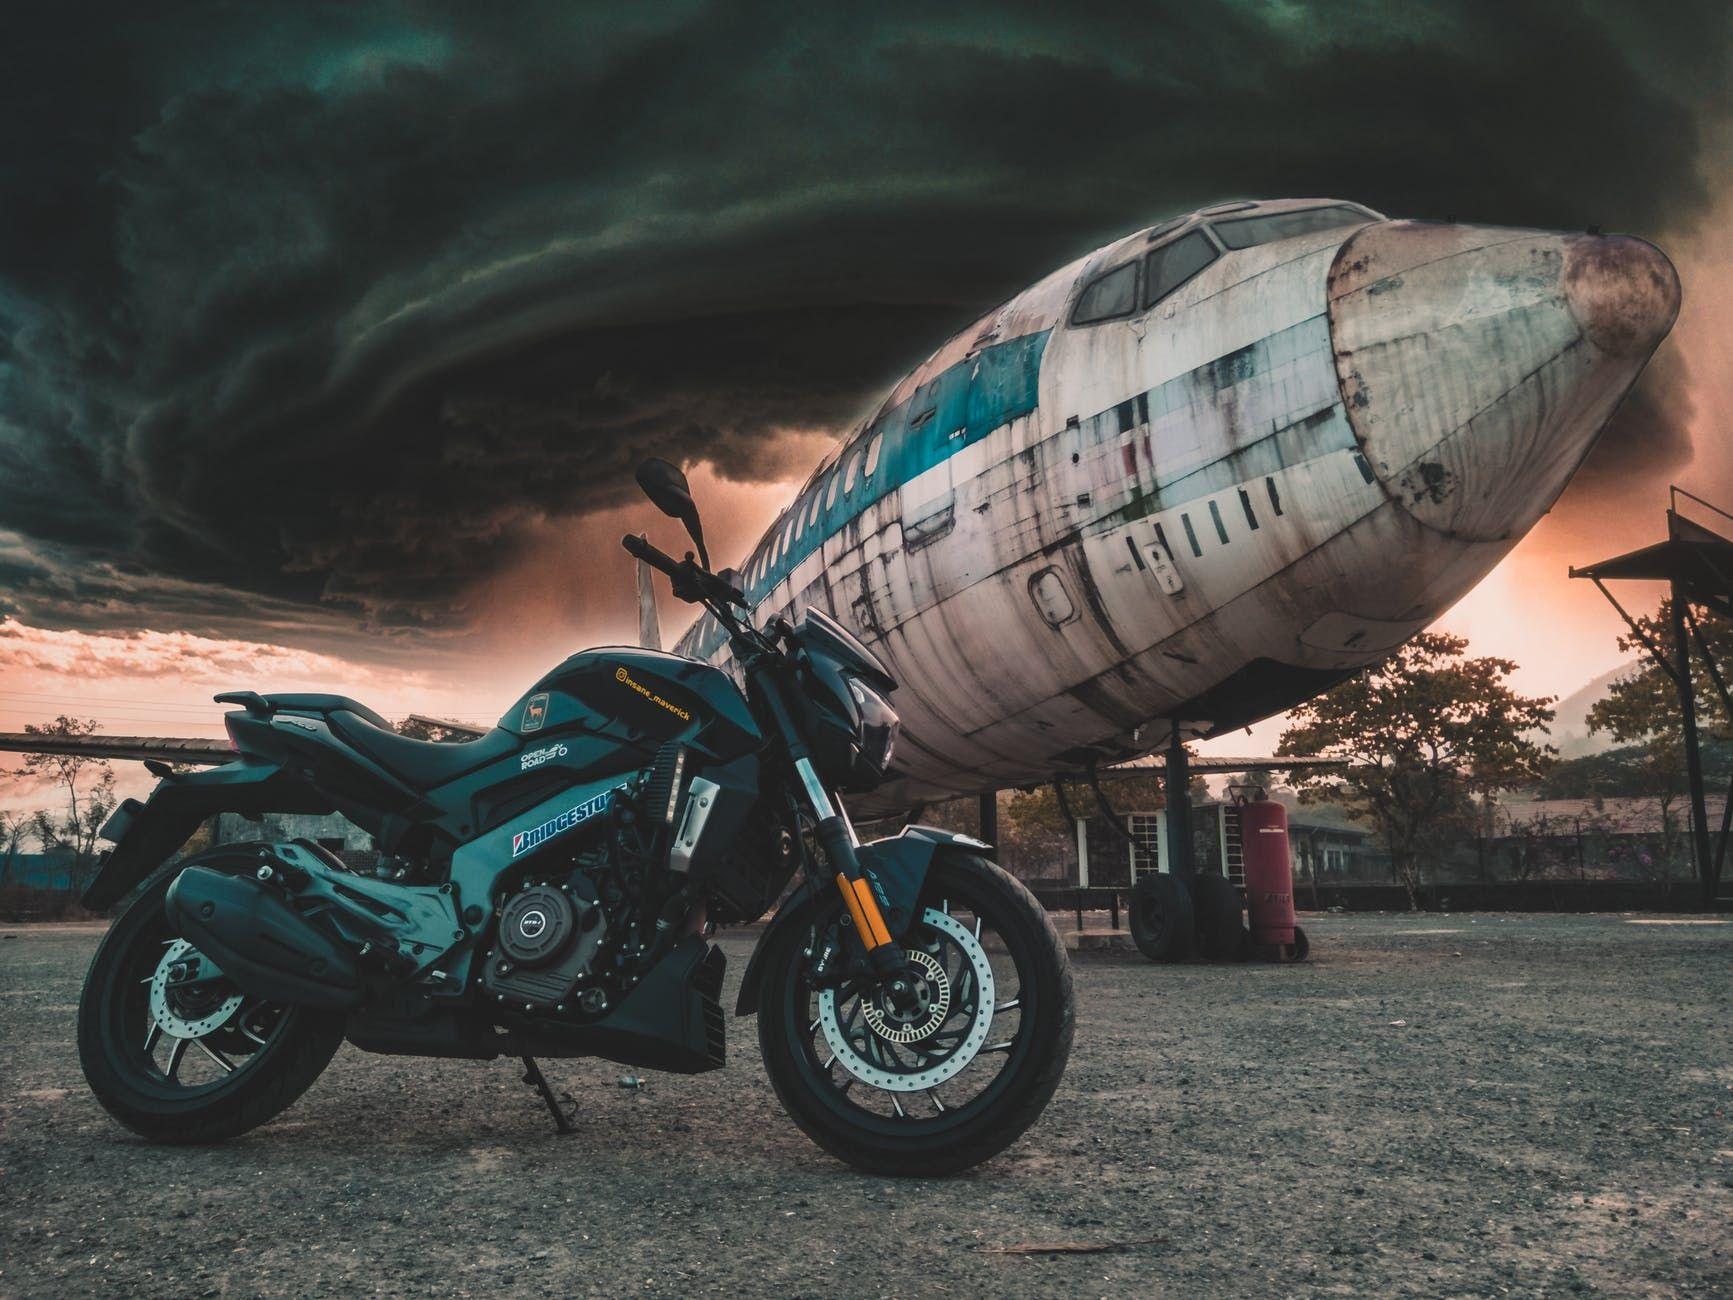 Best Bike Hd Wallpapers Cool Bikes Motorcycle